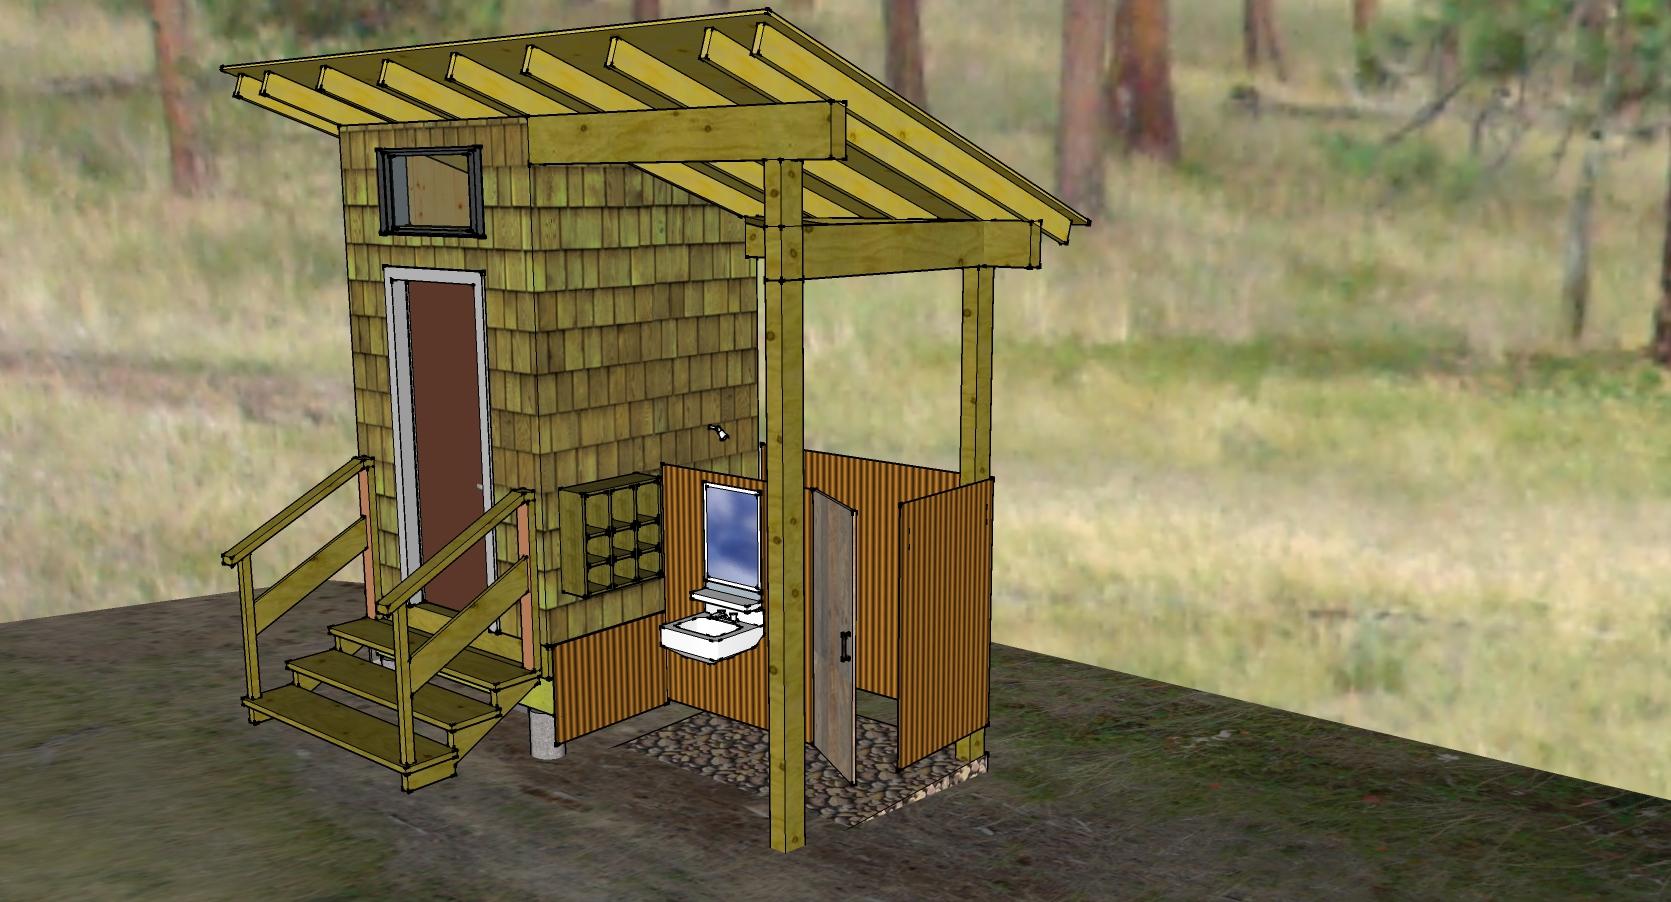 amenity-hut-lookingeast.jpg